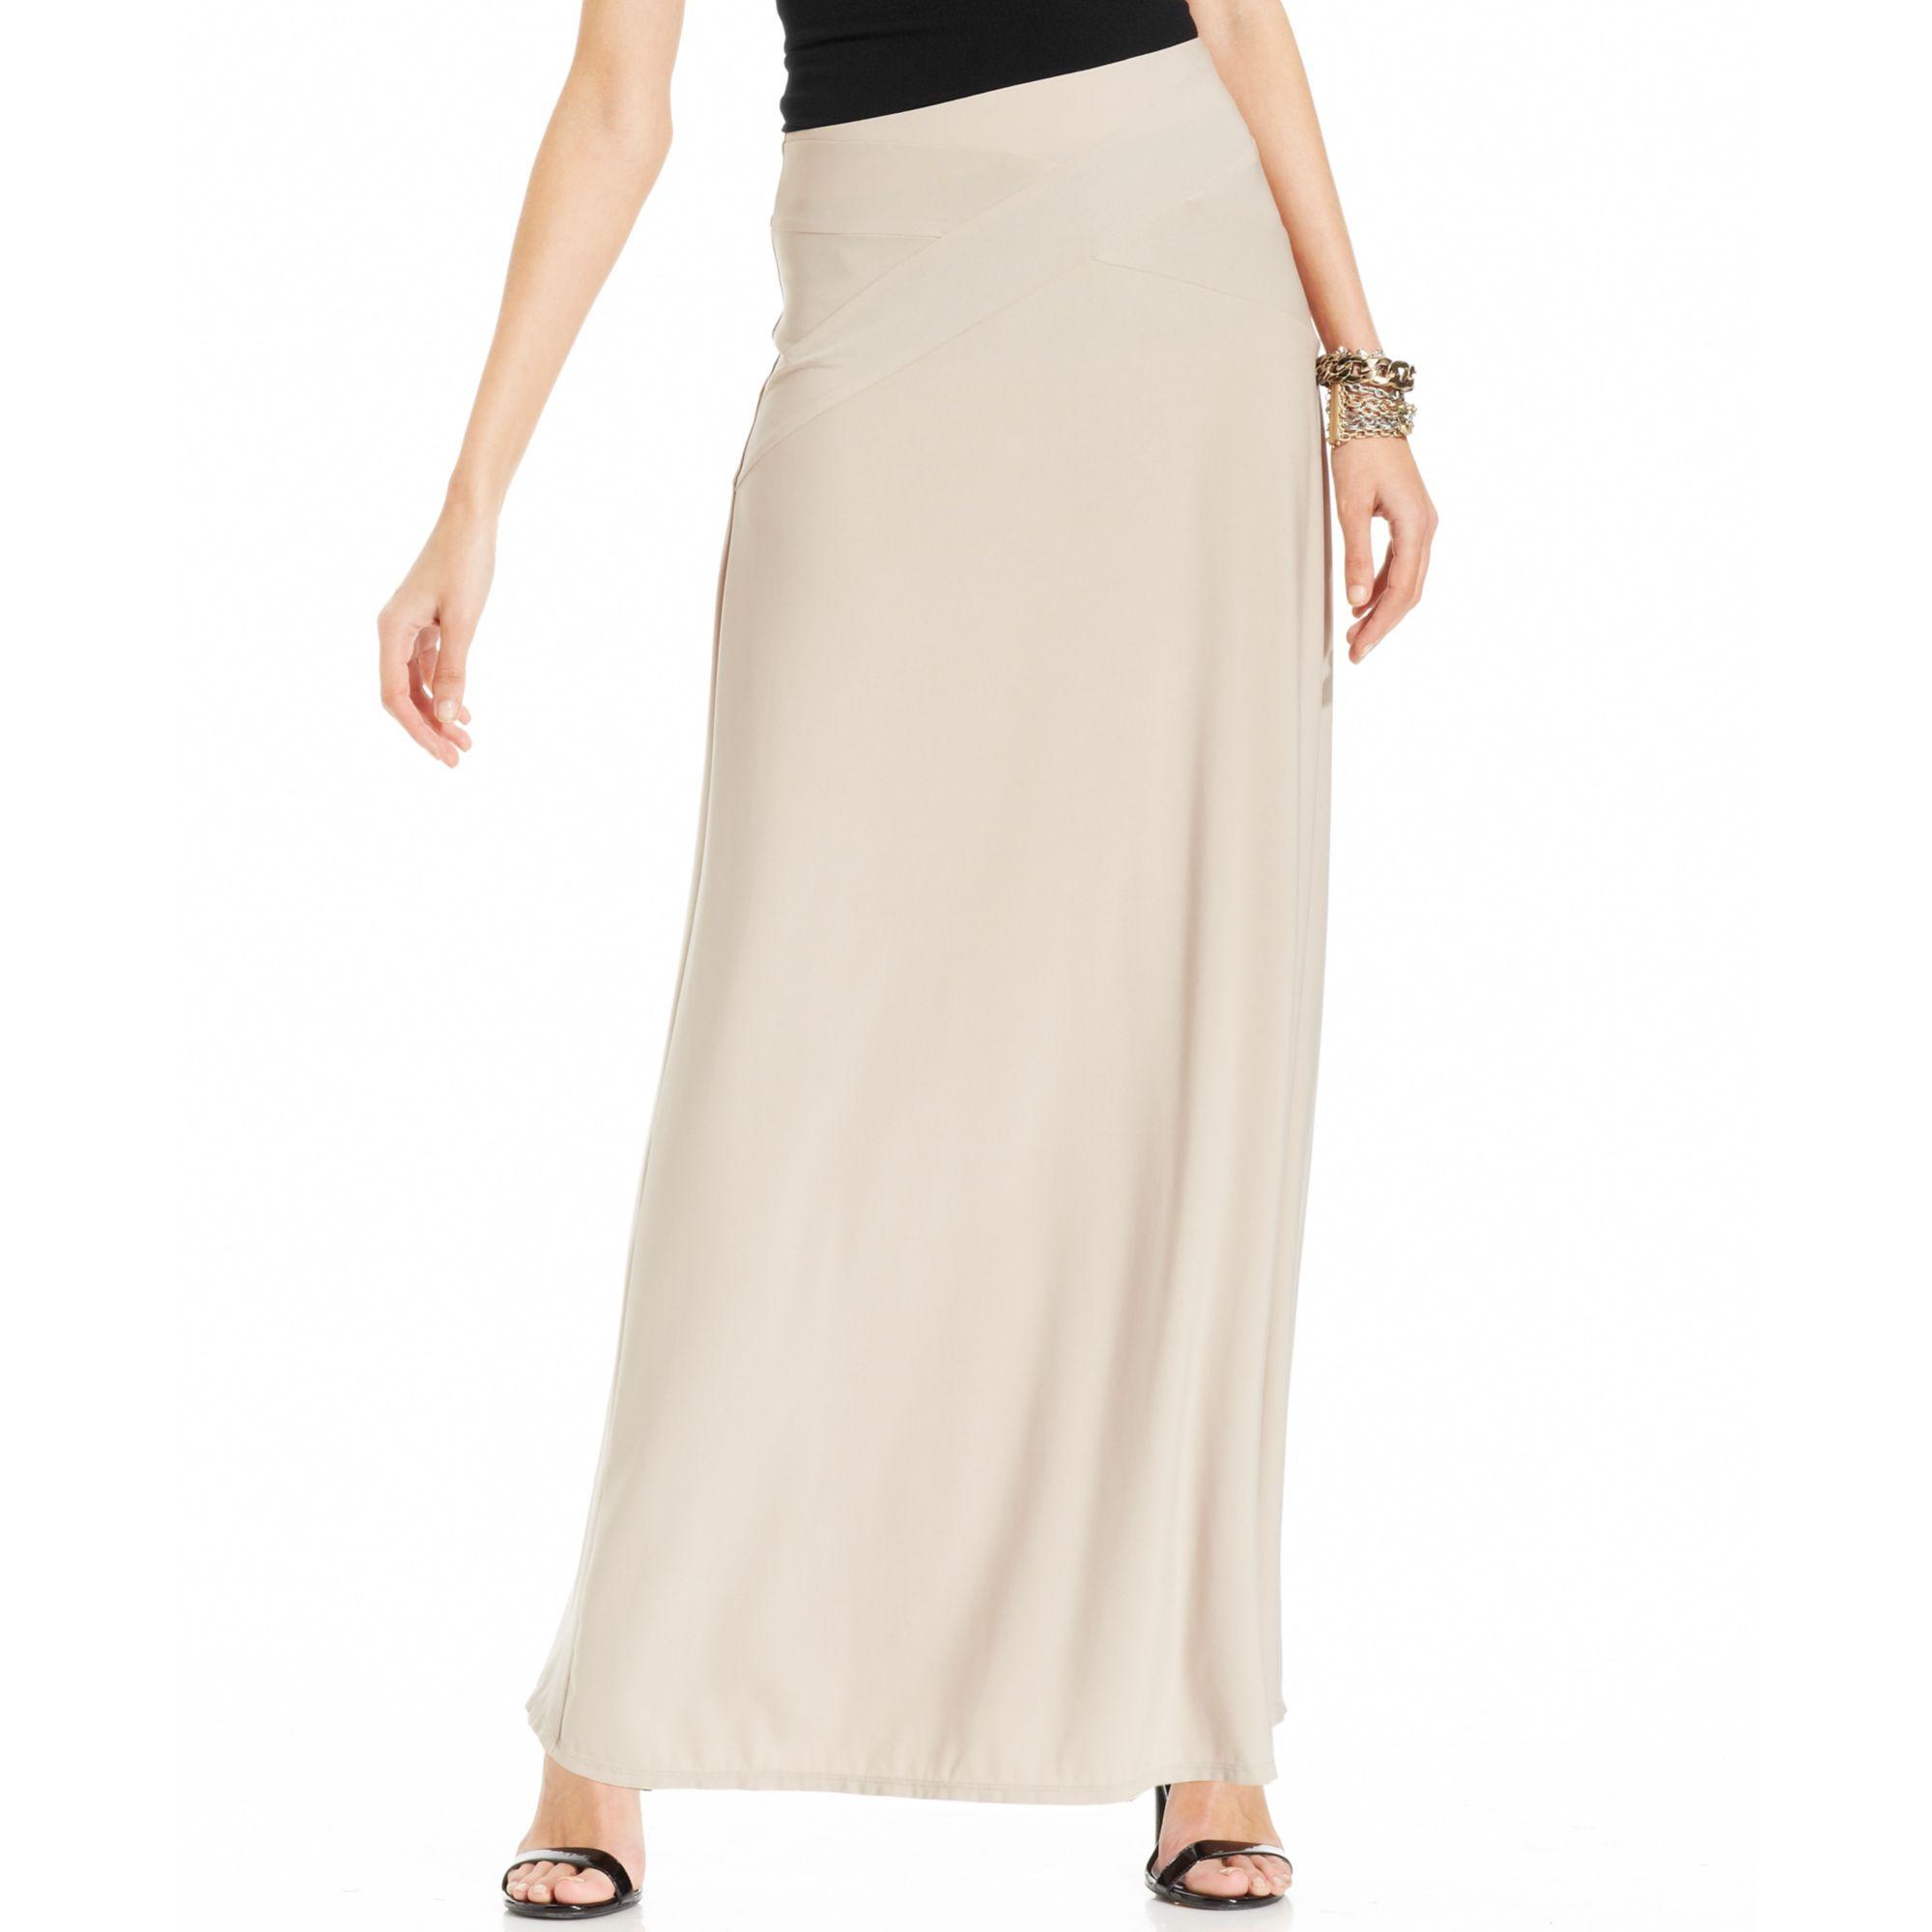 Eci Criss Cross Seamed Maxi Skirt In Beige Tan Lyst